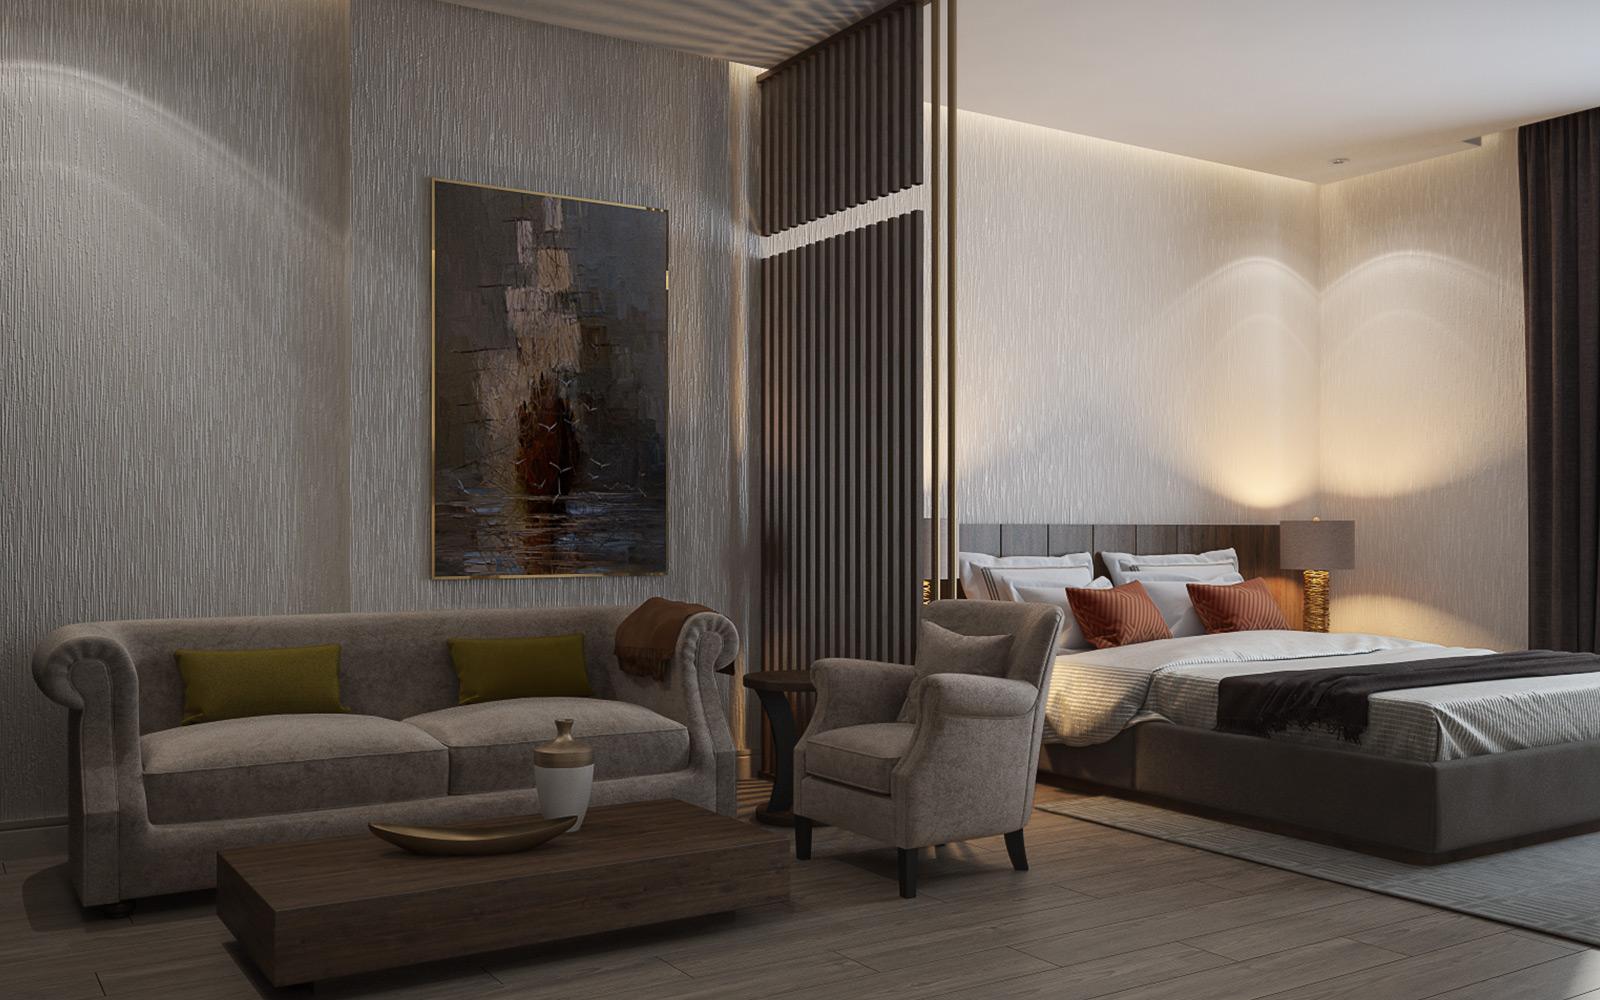 Vogue Design - Emirates Furnished Flats5